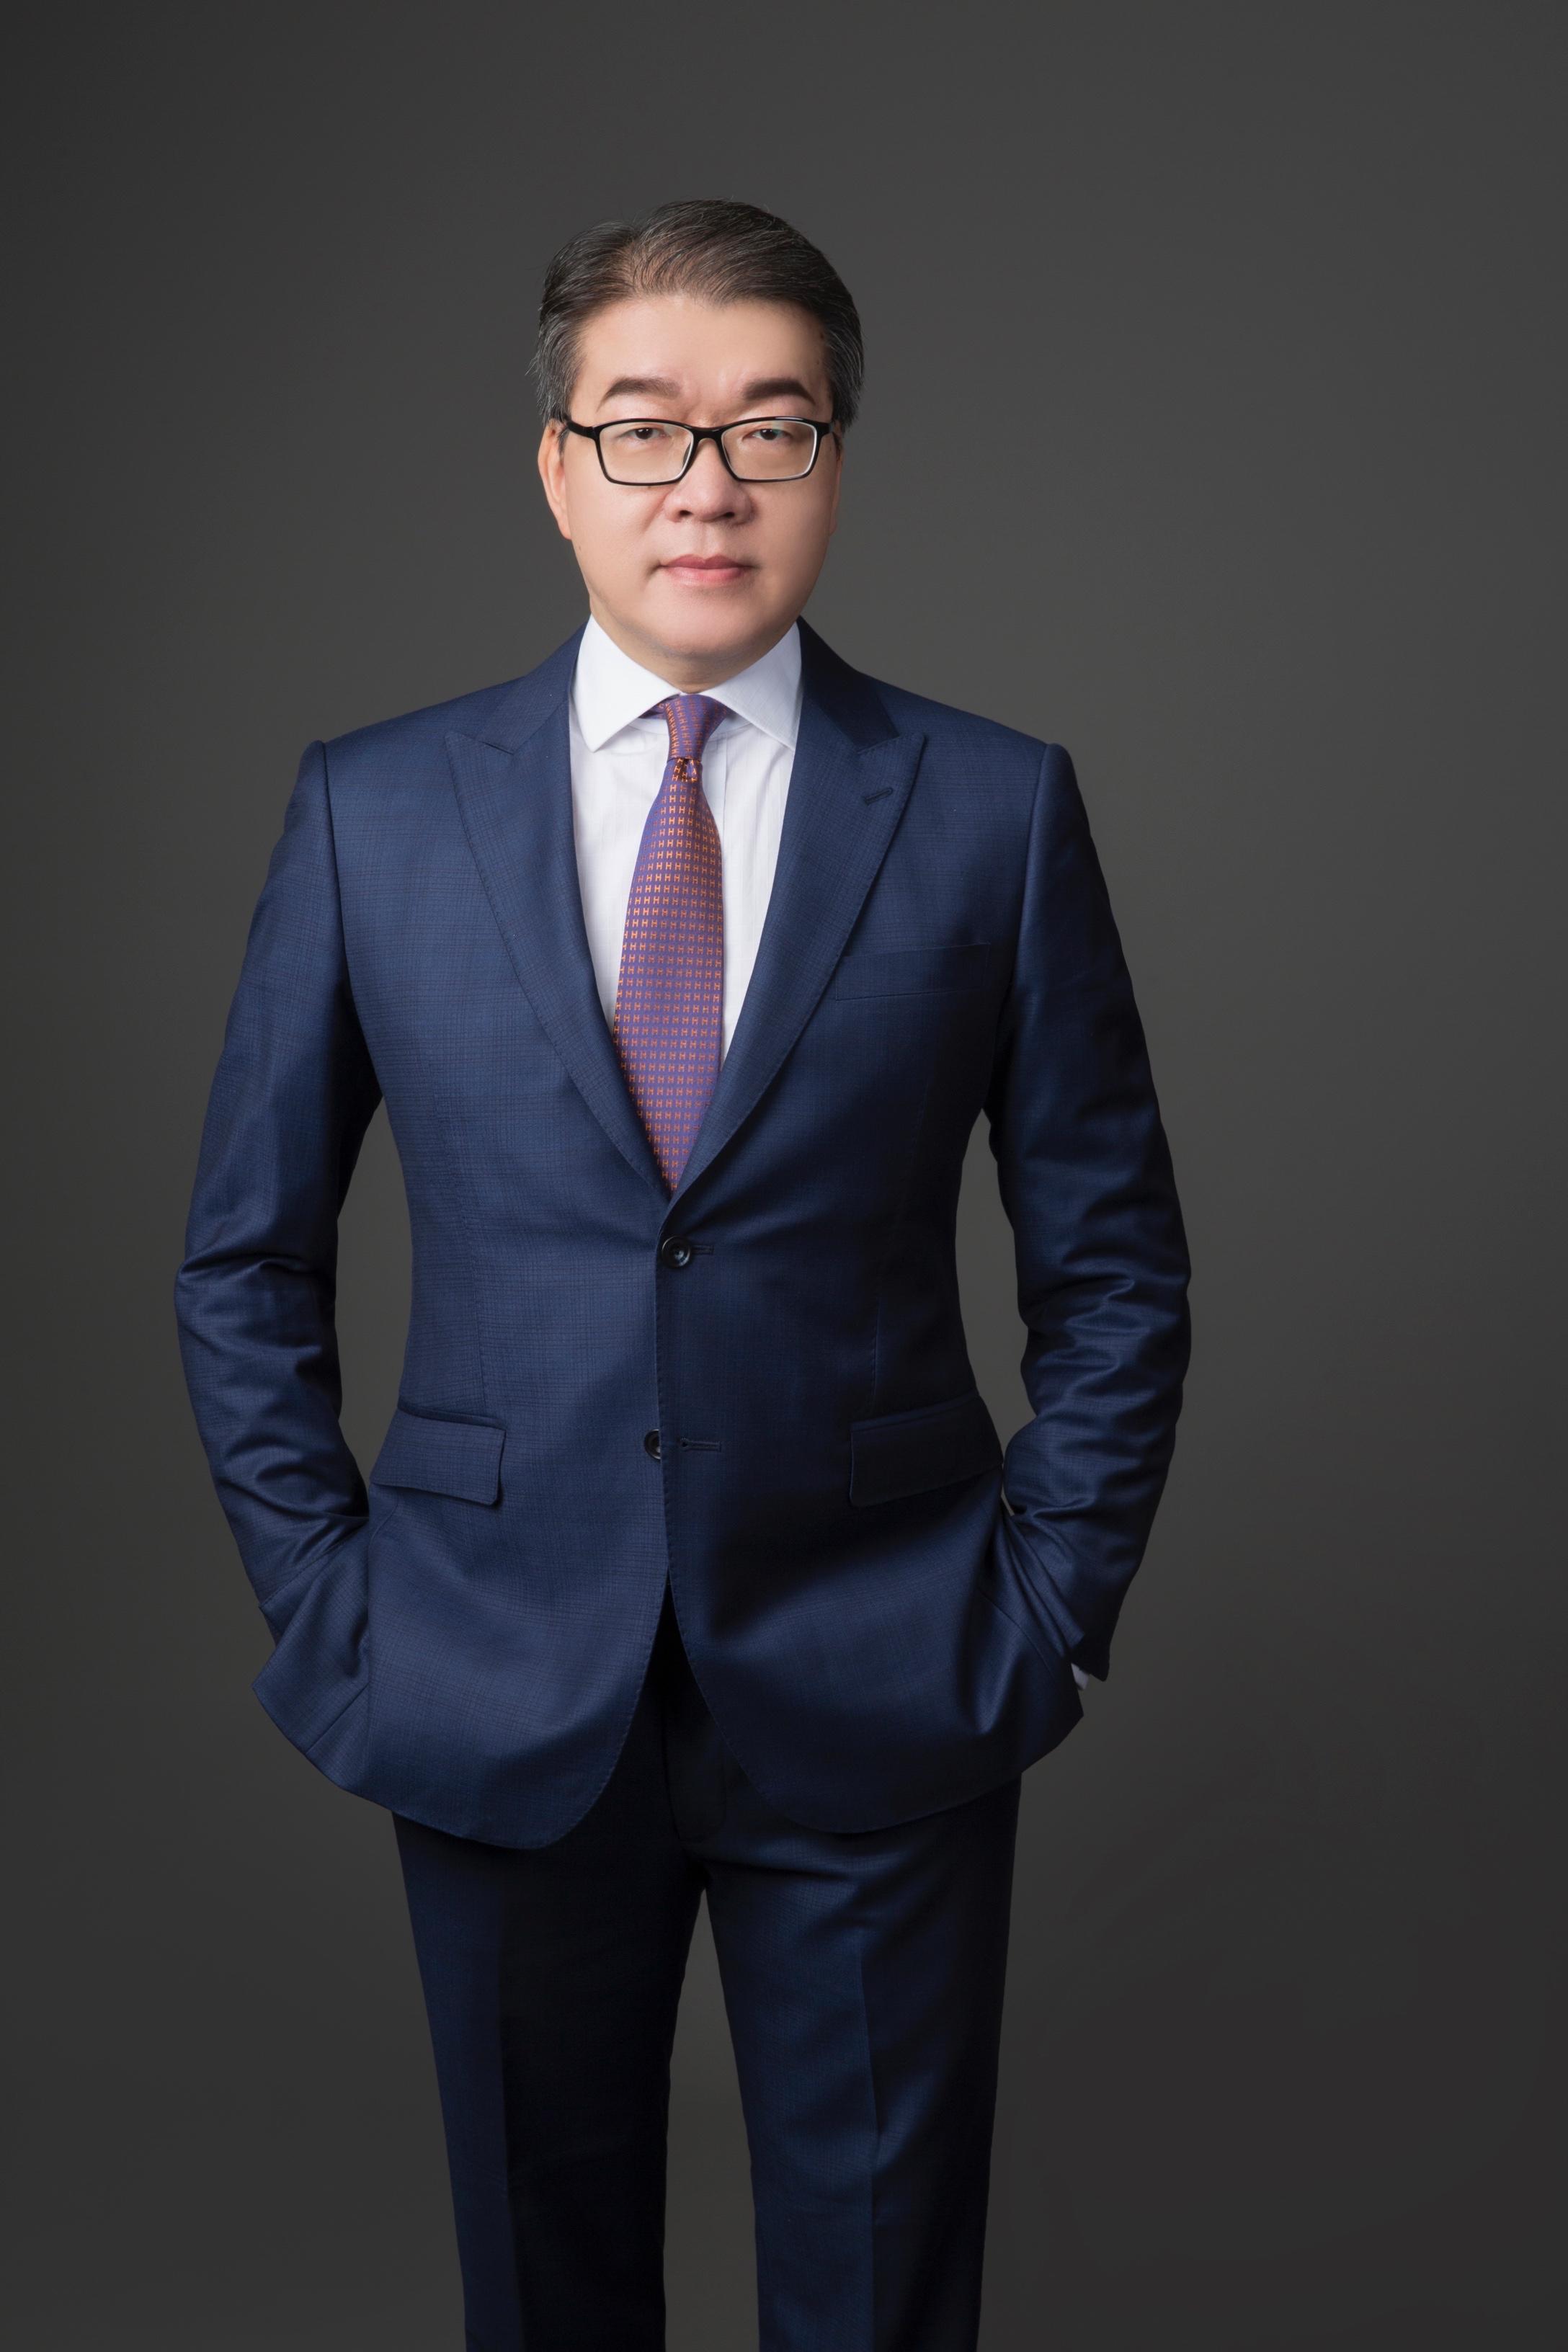 欧阳奕律师:司法之变—连续四起成功无罪辩护案带来的启迪